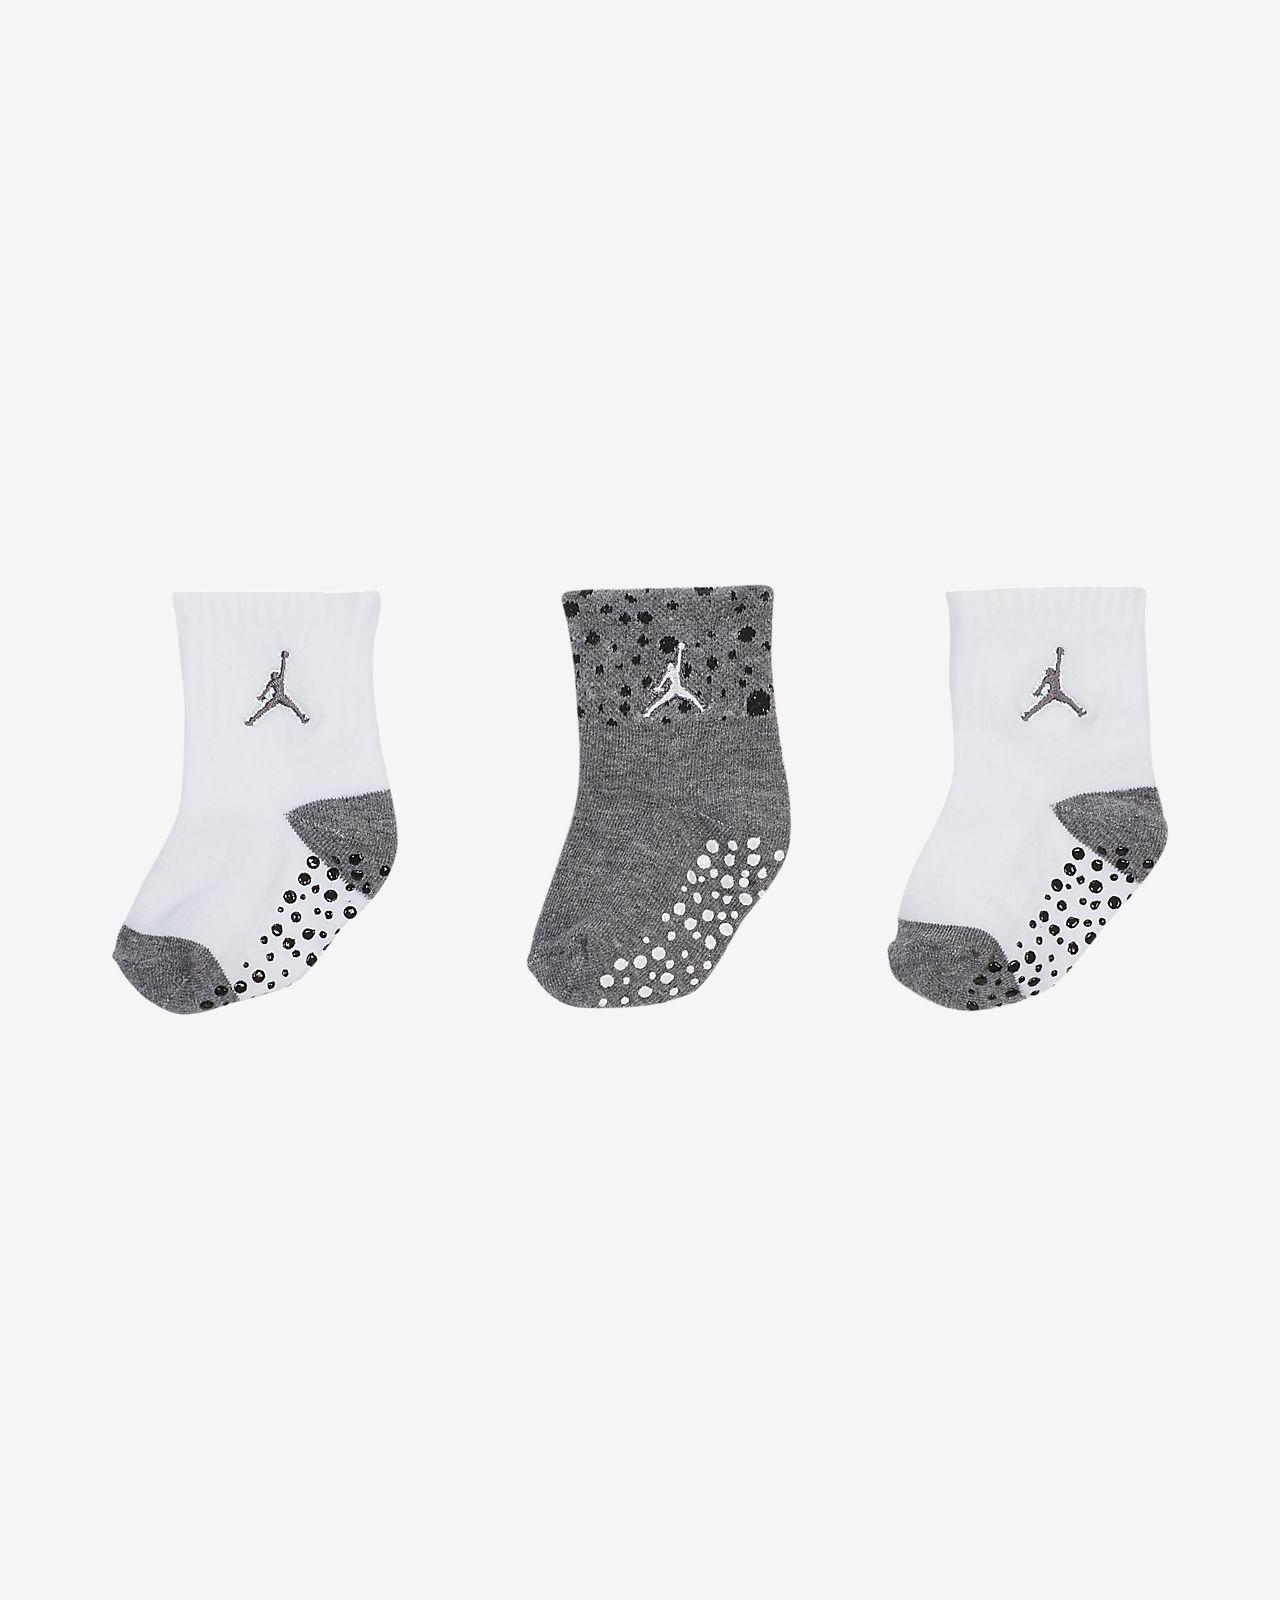 Jordan griffige Knöchelsocken für Kleinkinder (3 Paar)